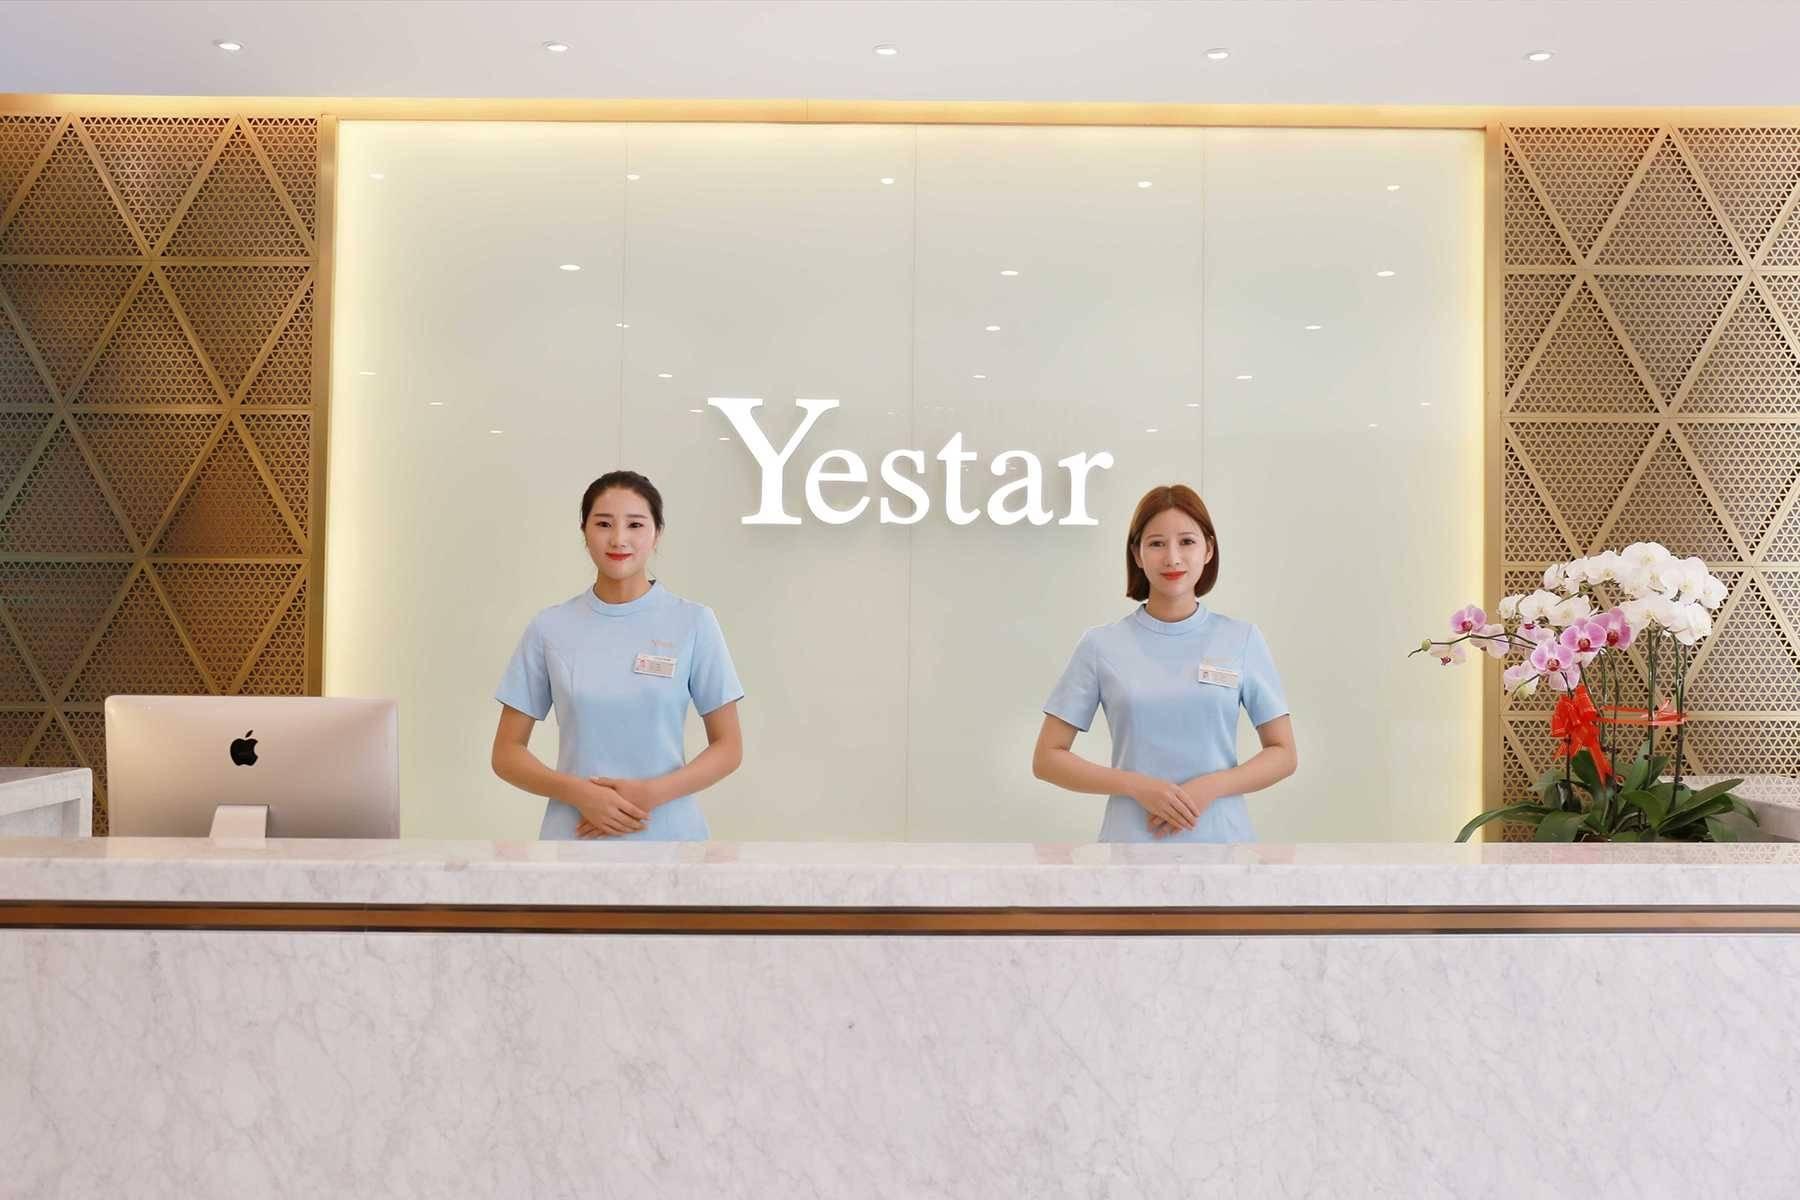 深圳艺星医疗美容医院环境图2